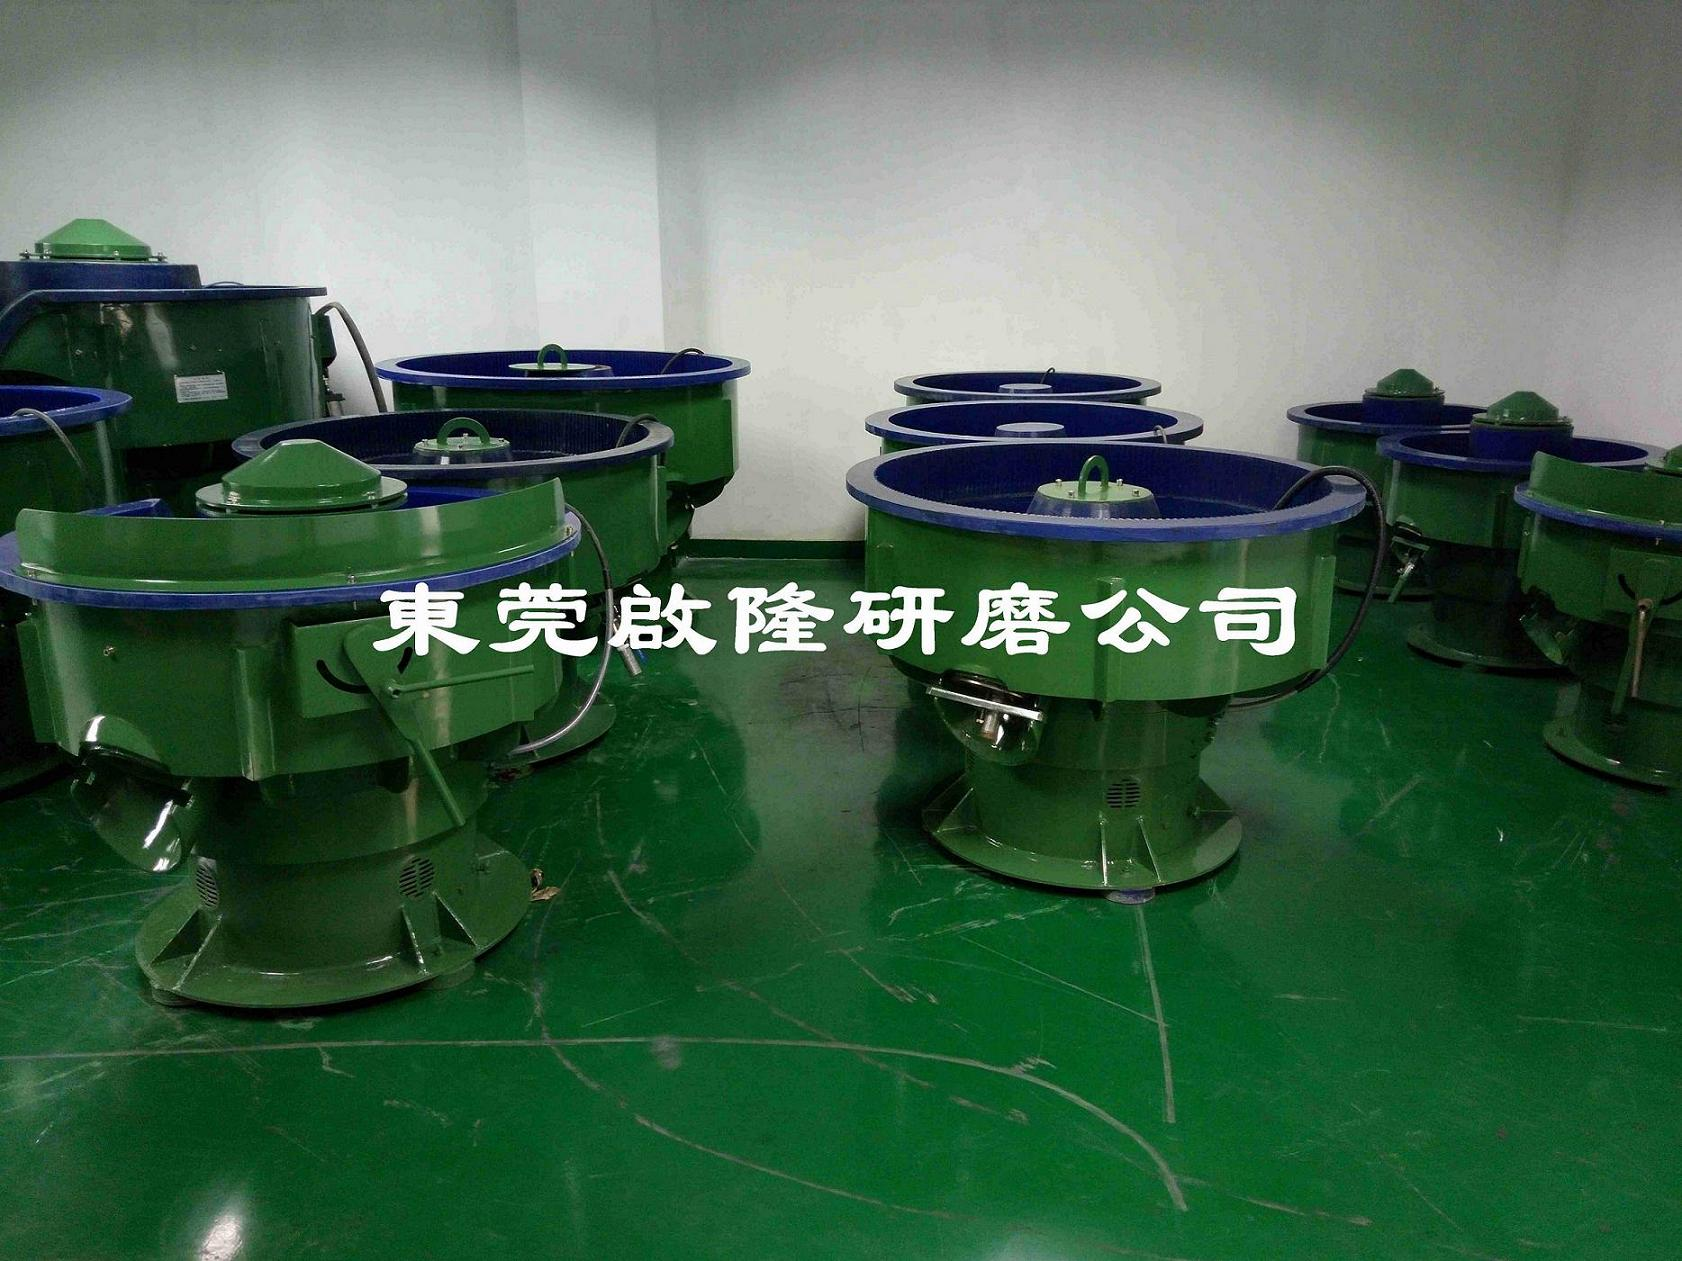 研磨机价格报价,东莞研磨机价格,生产厂家